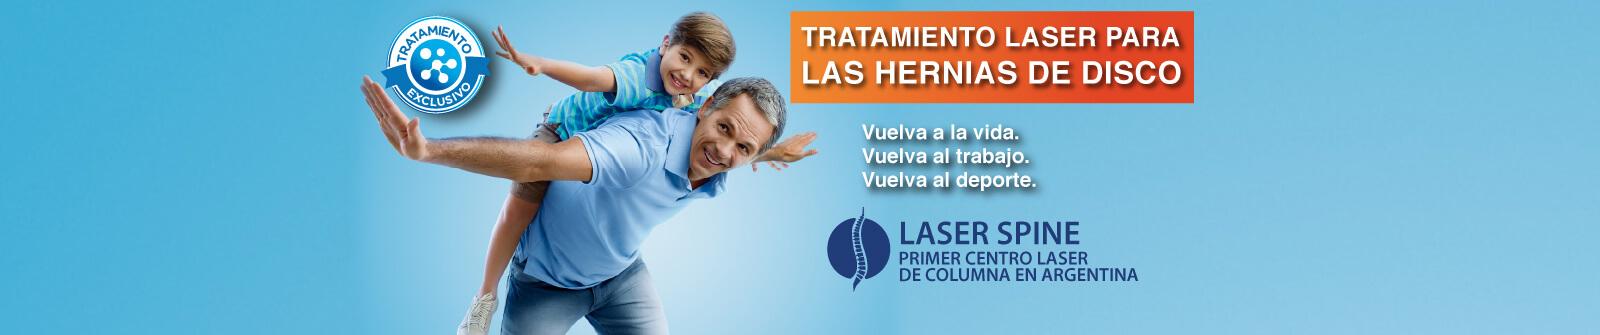 laser-spine1